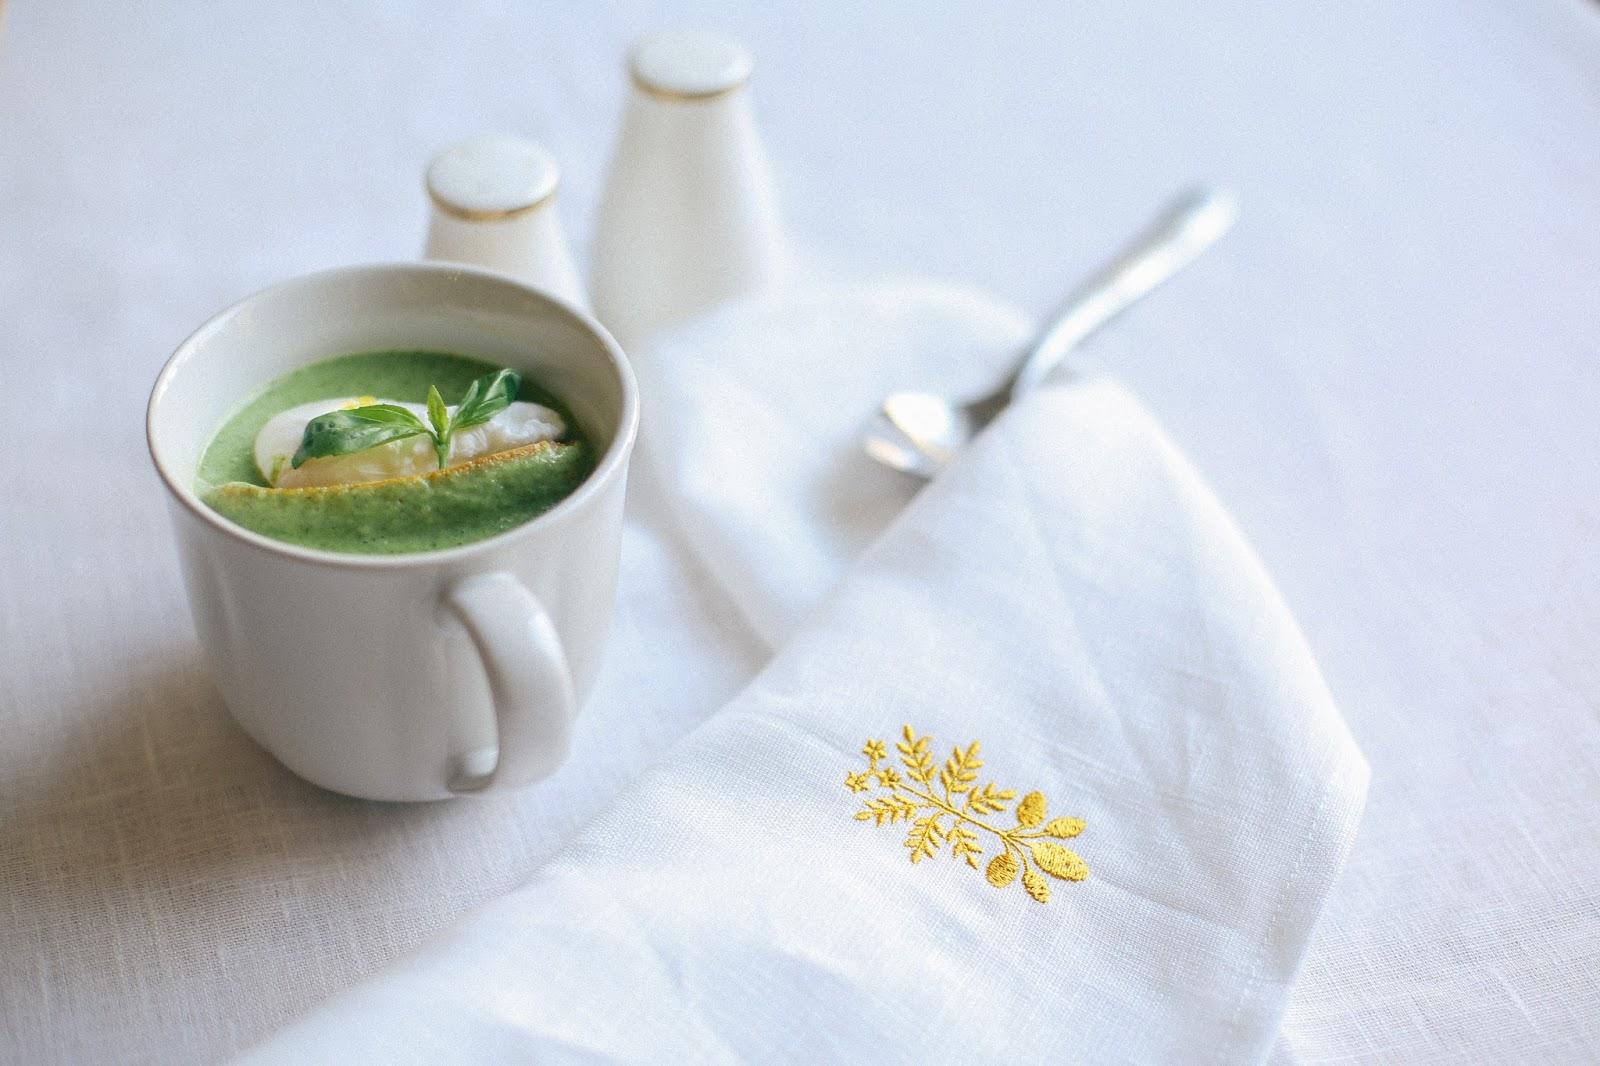 """кафе-гастроном """"Kartata Potata"""", макароны по-флотски, ресторан Даши Малаховой, крем-суп со шпината"""